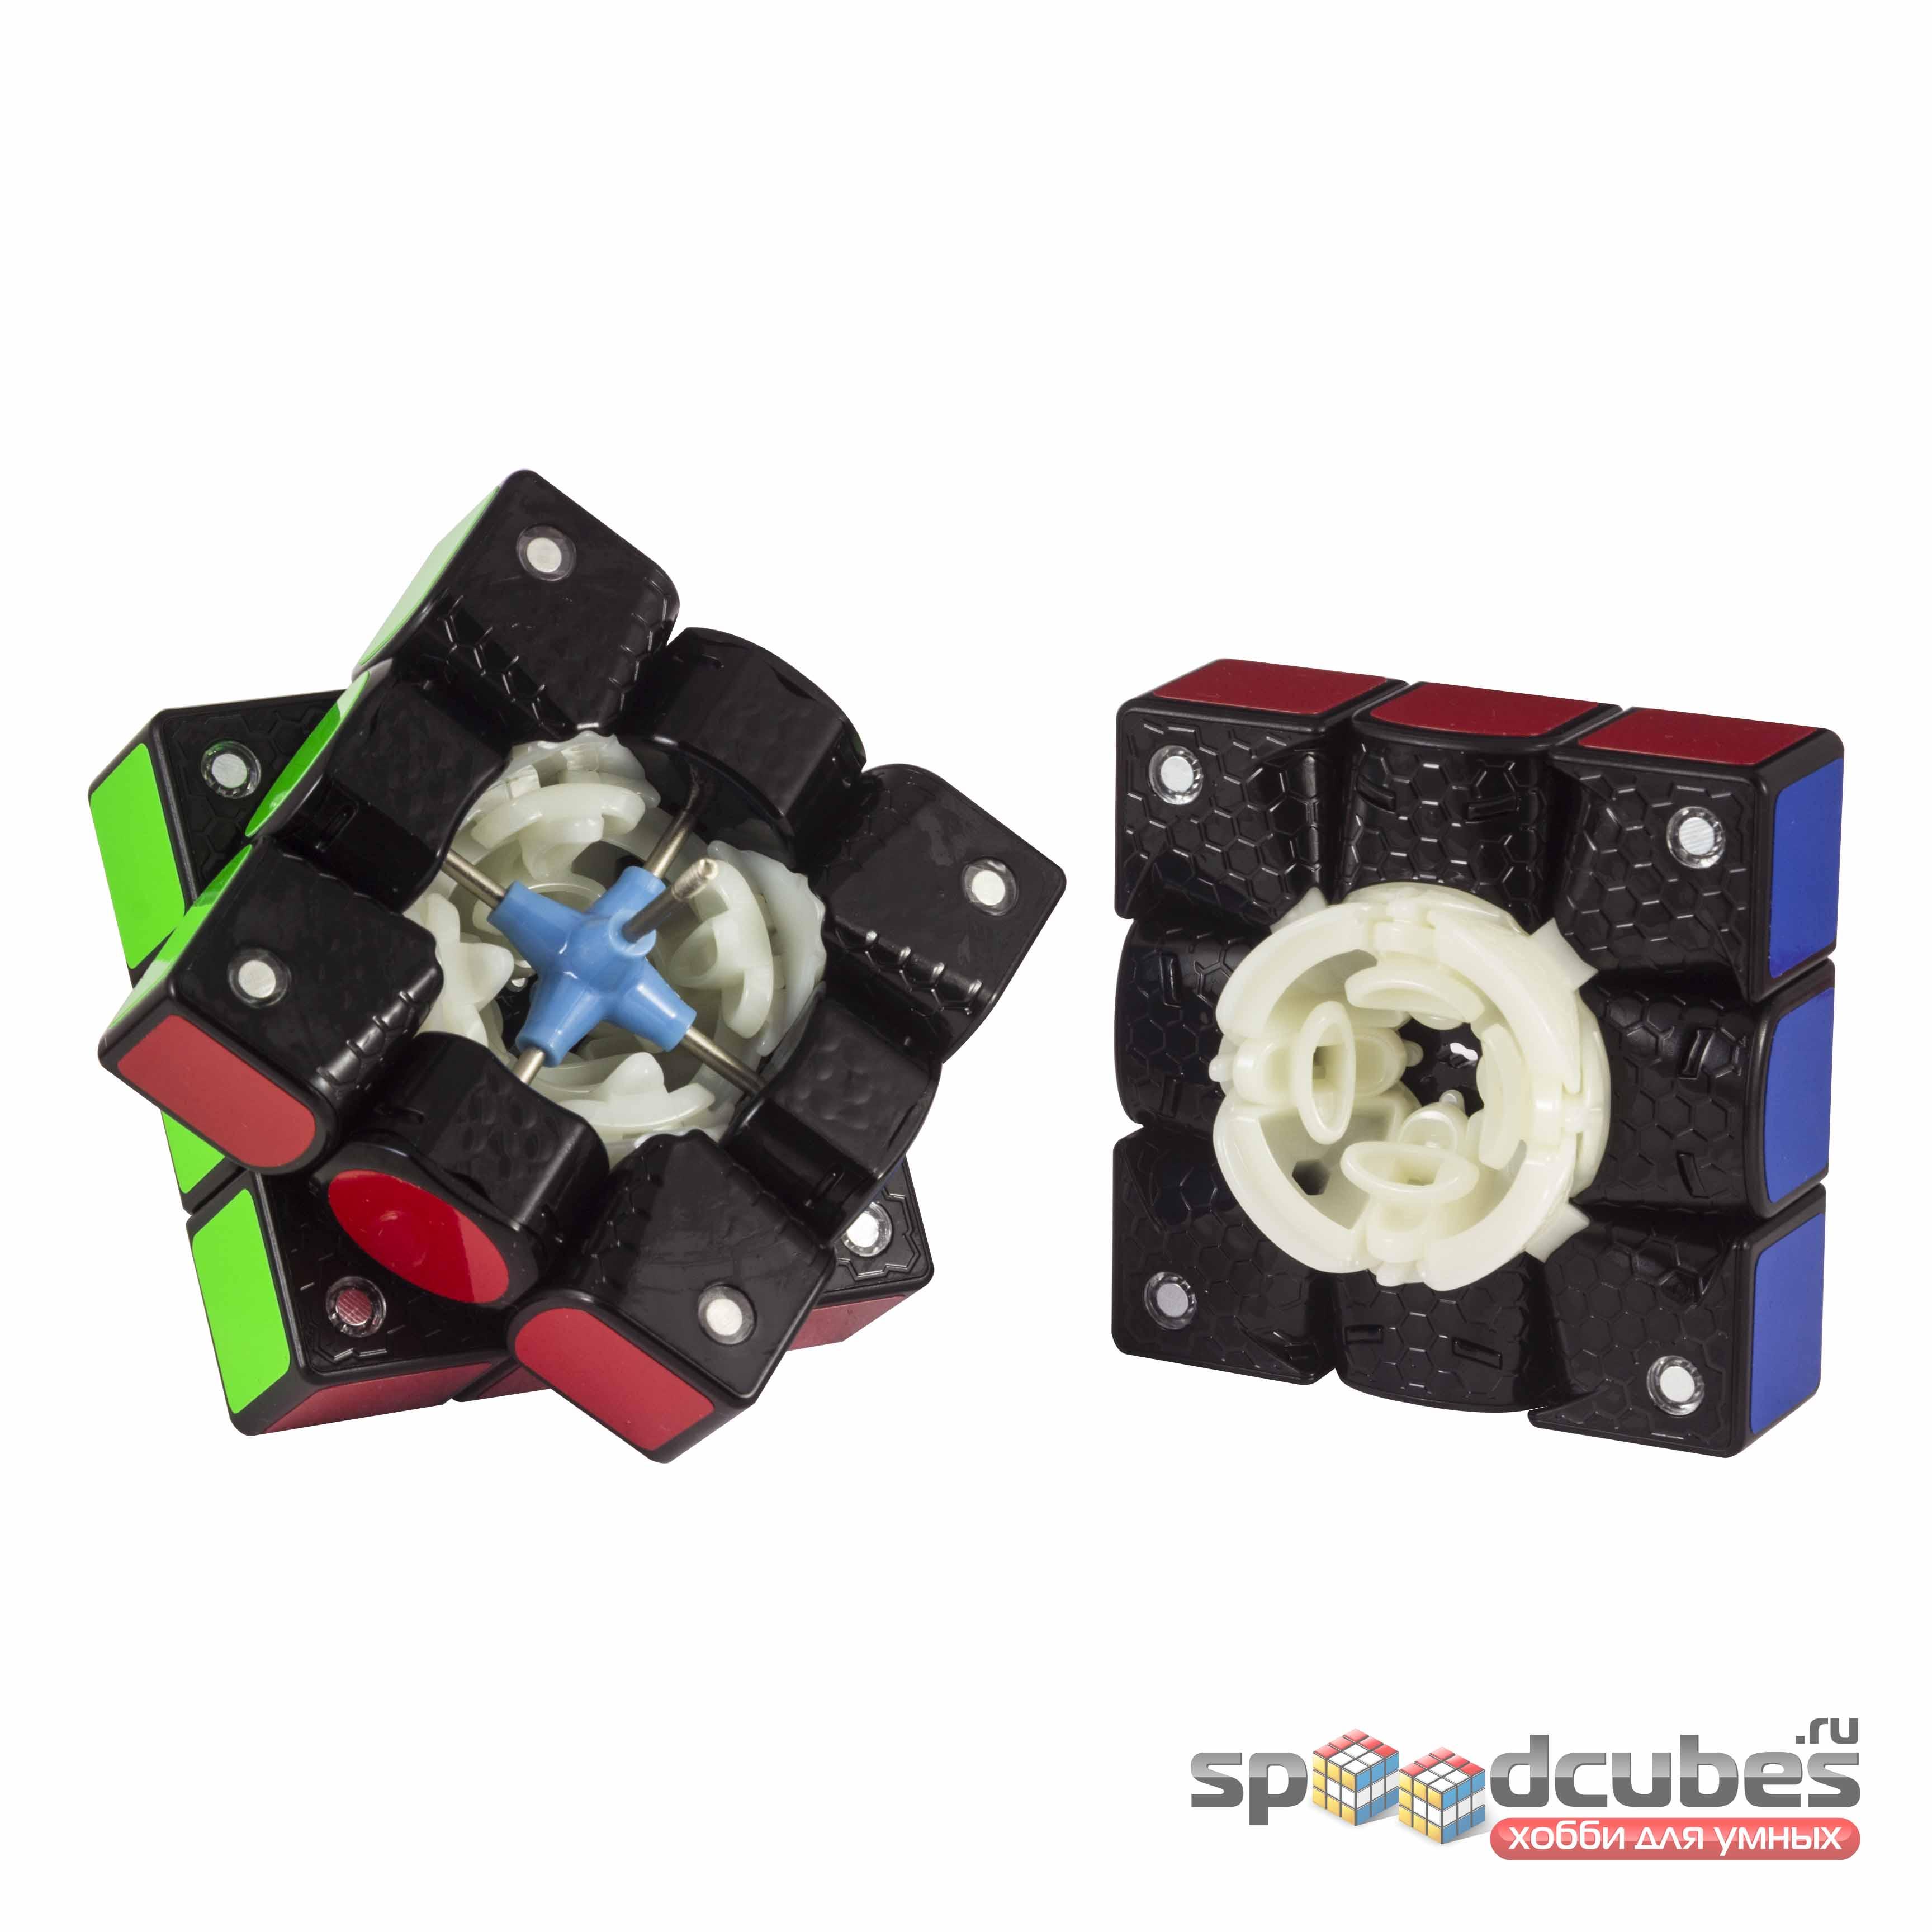 Gan 356 X 3x3x3 IPG V5 4